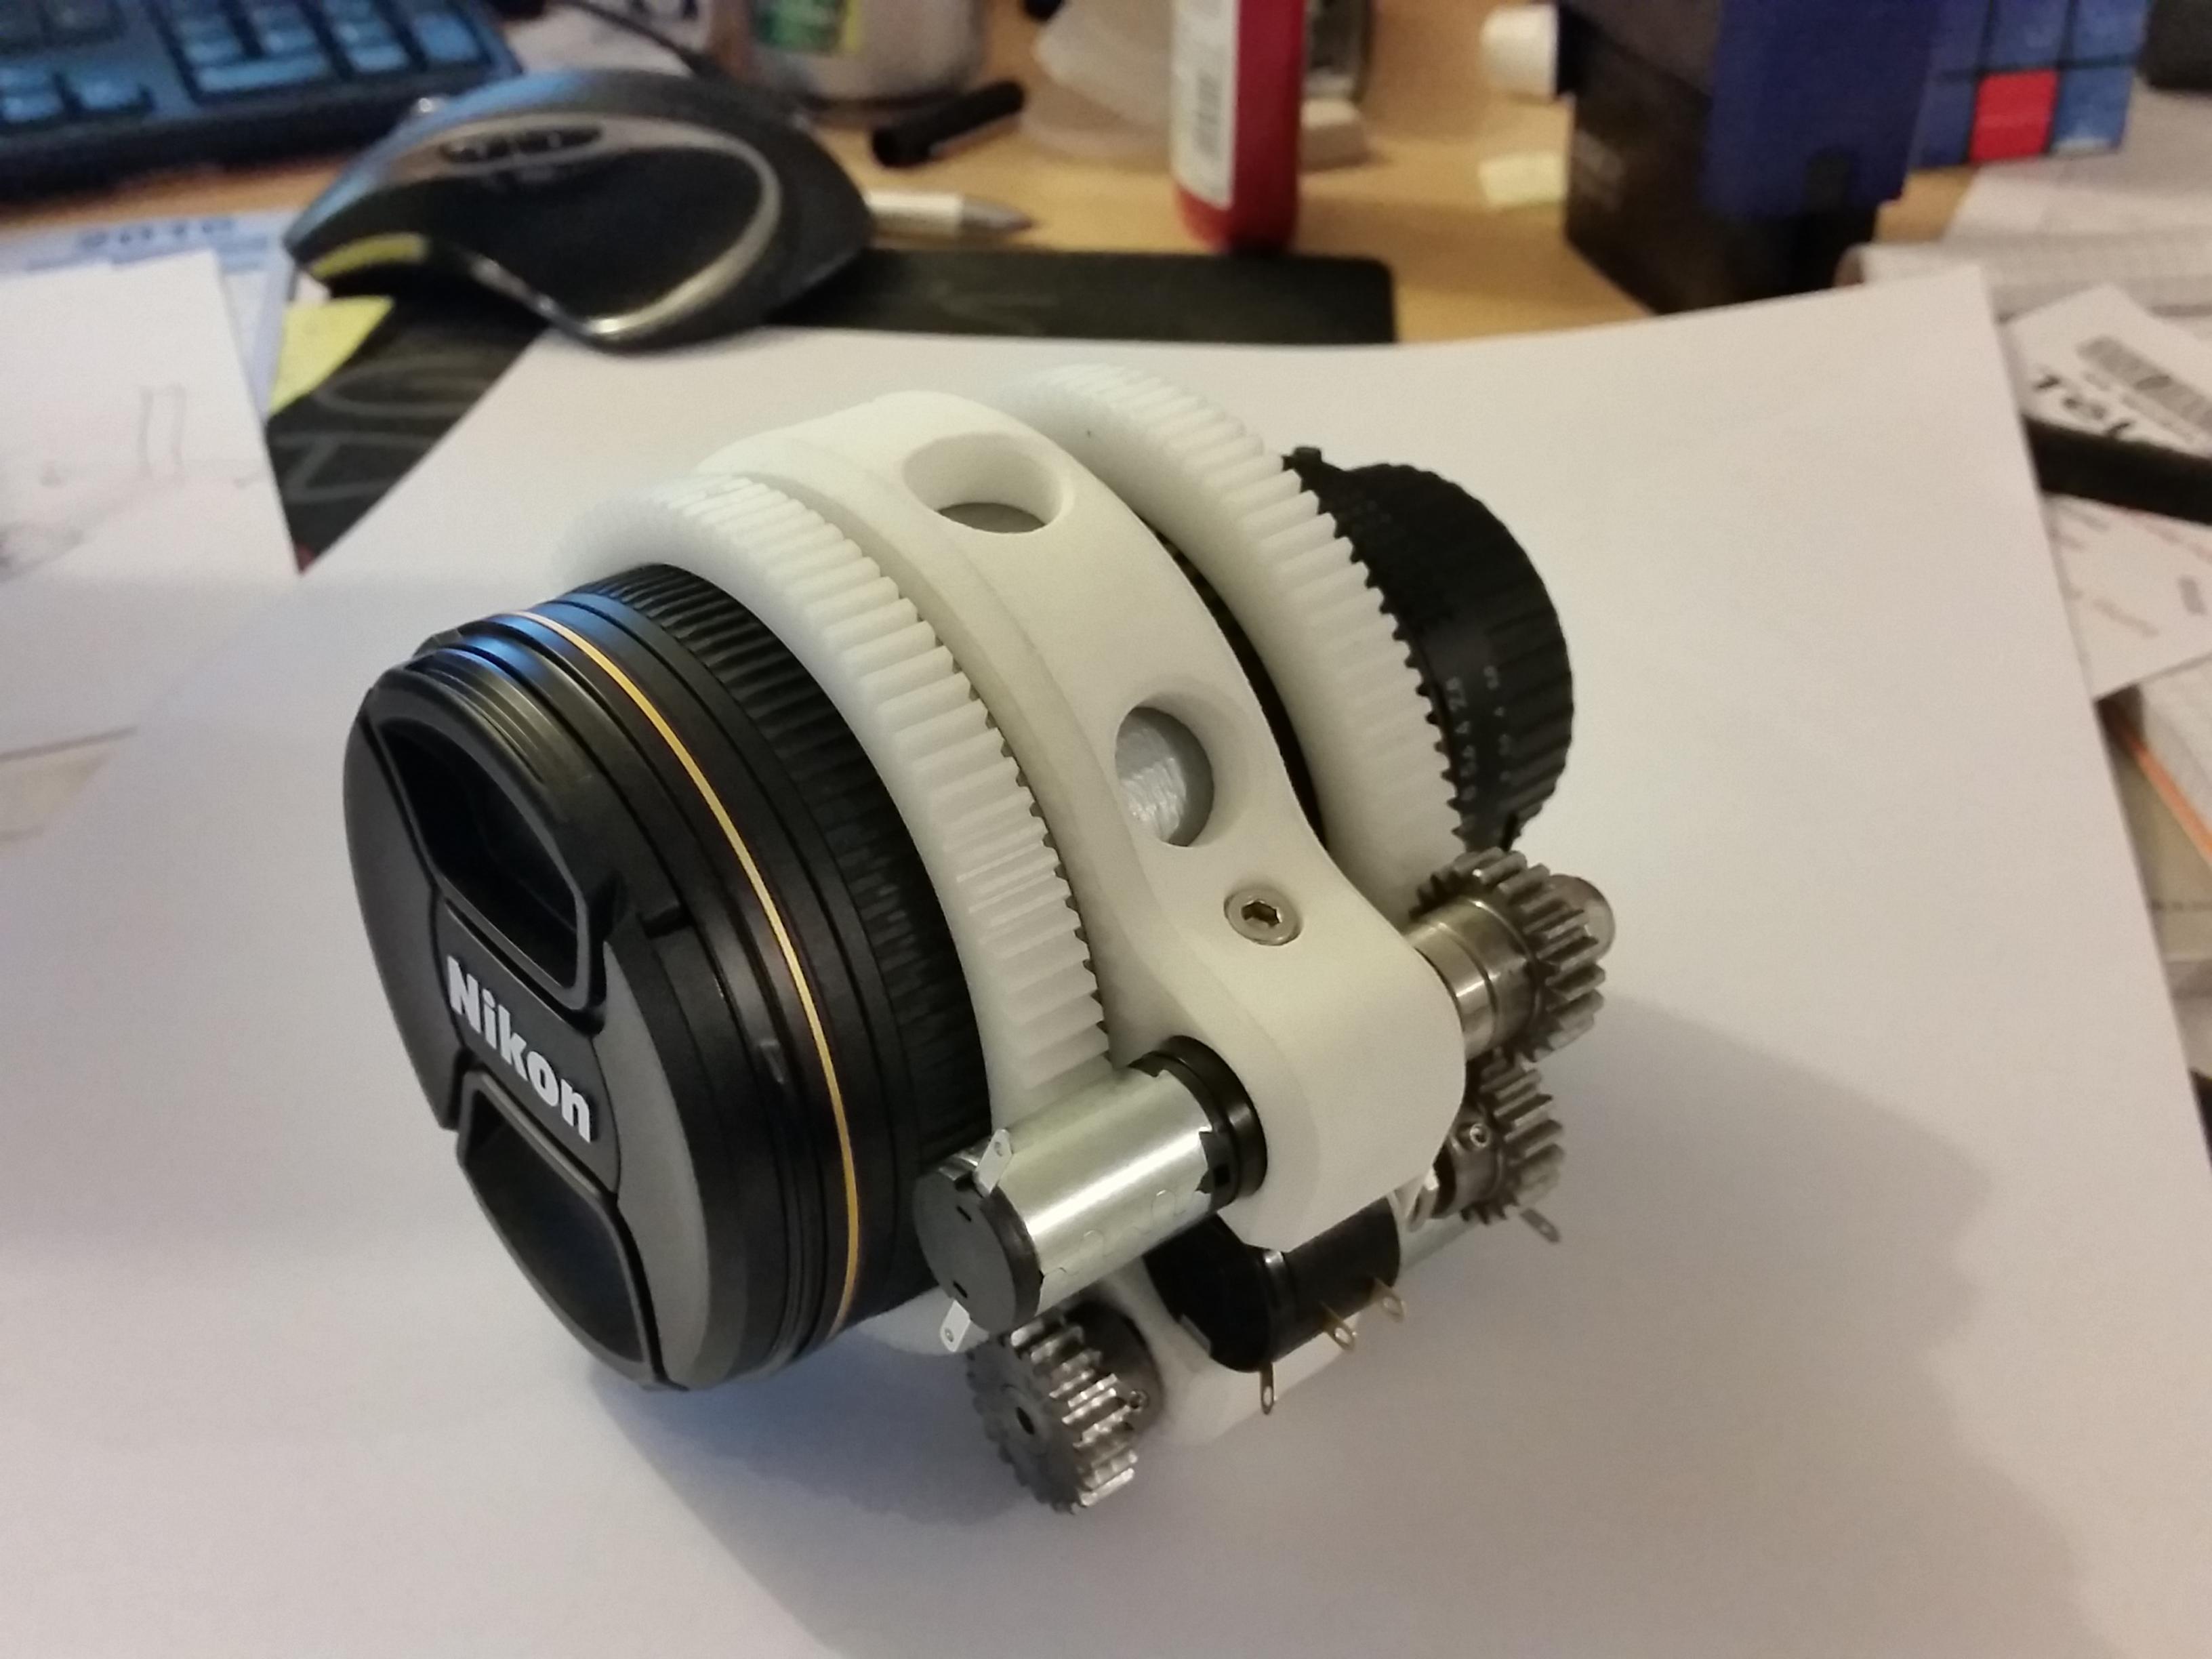 Pilotage objectif Nikon 17-35mm